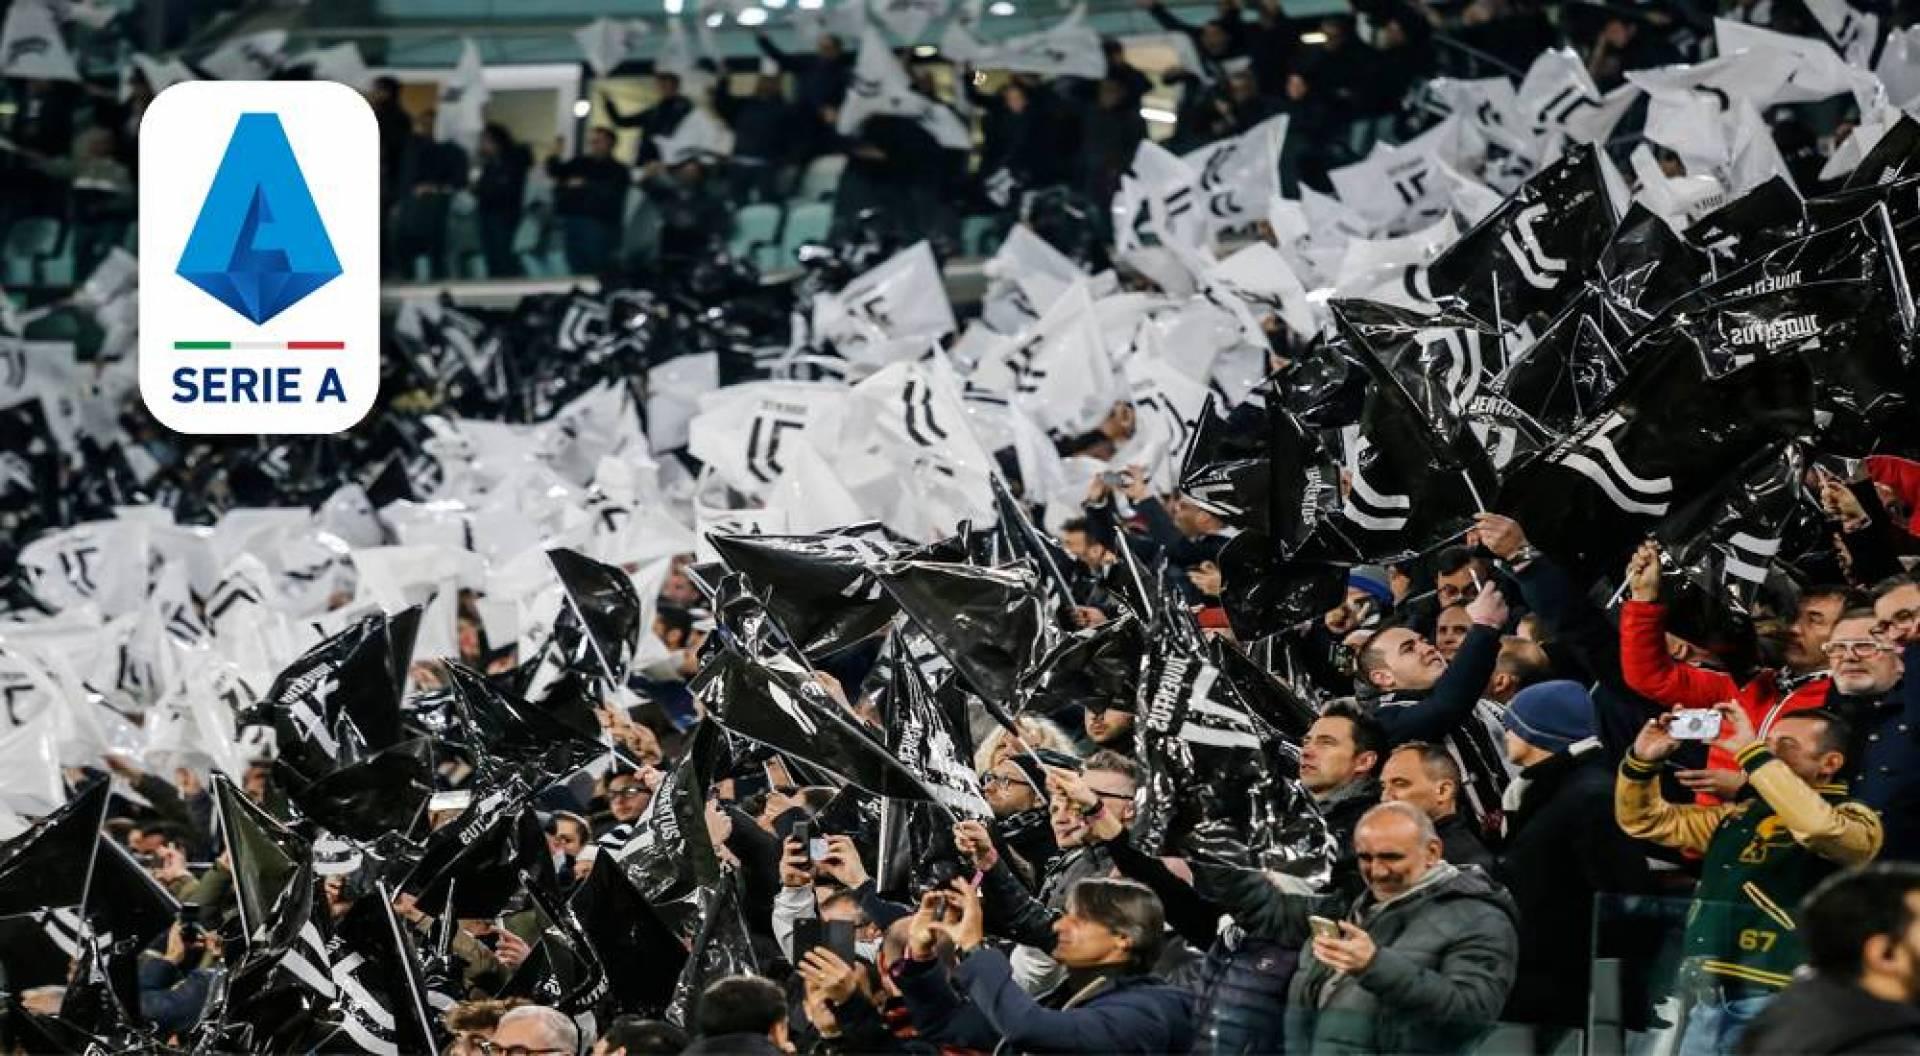 إيطاليا تعلن عودة الجماهير إلى المدرجات في سبتمبر المقبل